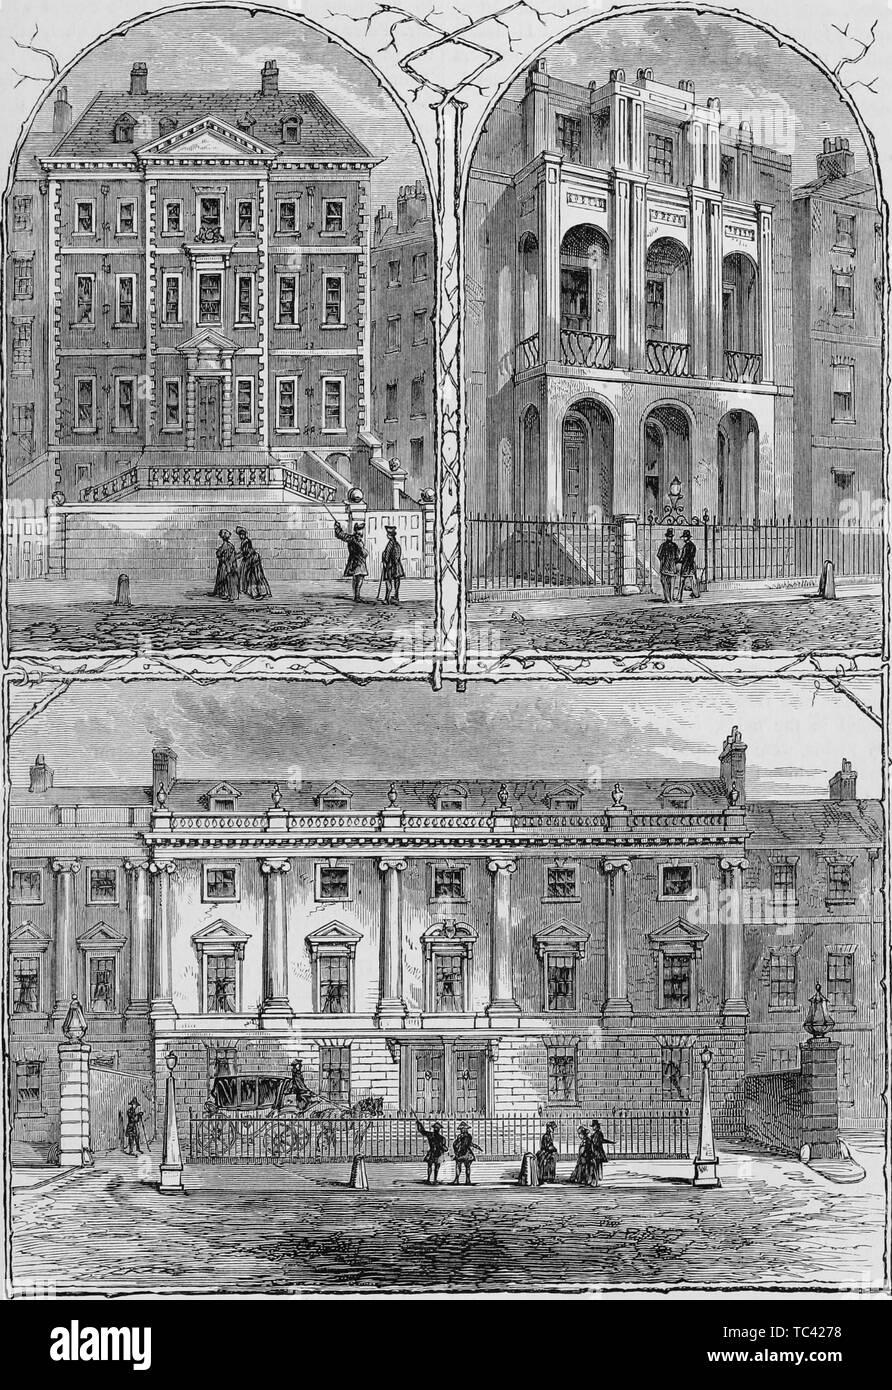 LINCOLN/'S INN FIELDS HOUSES Duke of Ancaster c1880 Sir John Soane Newcastle